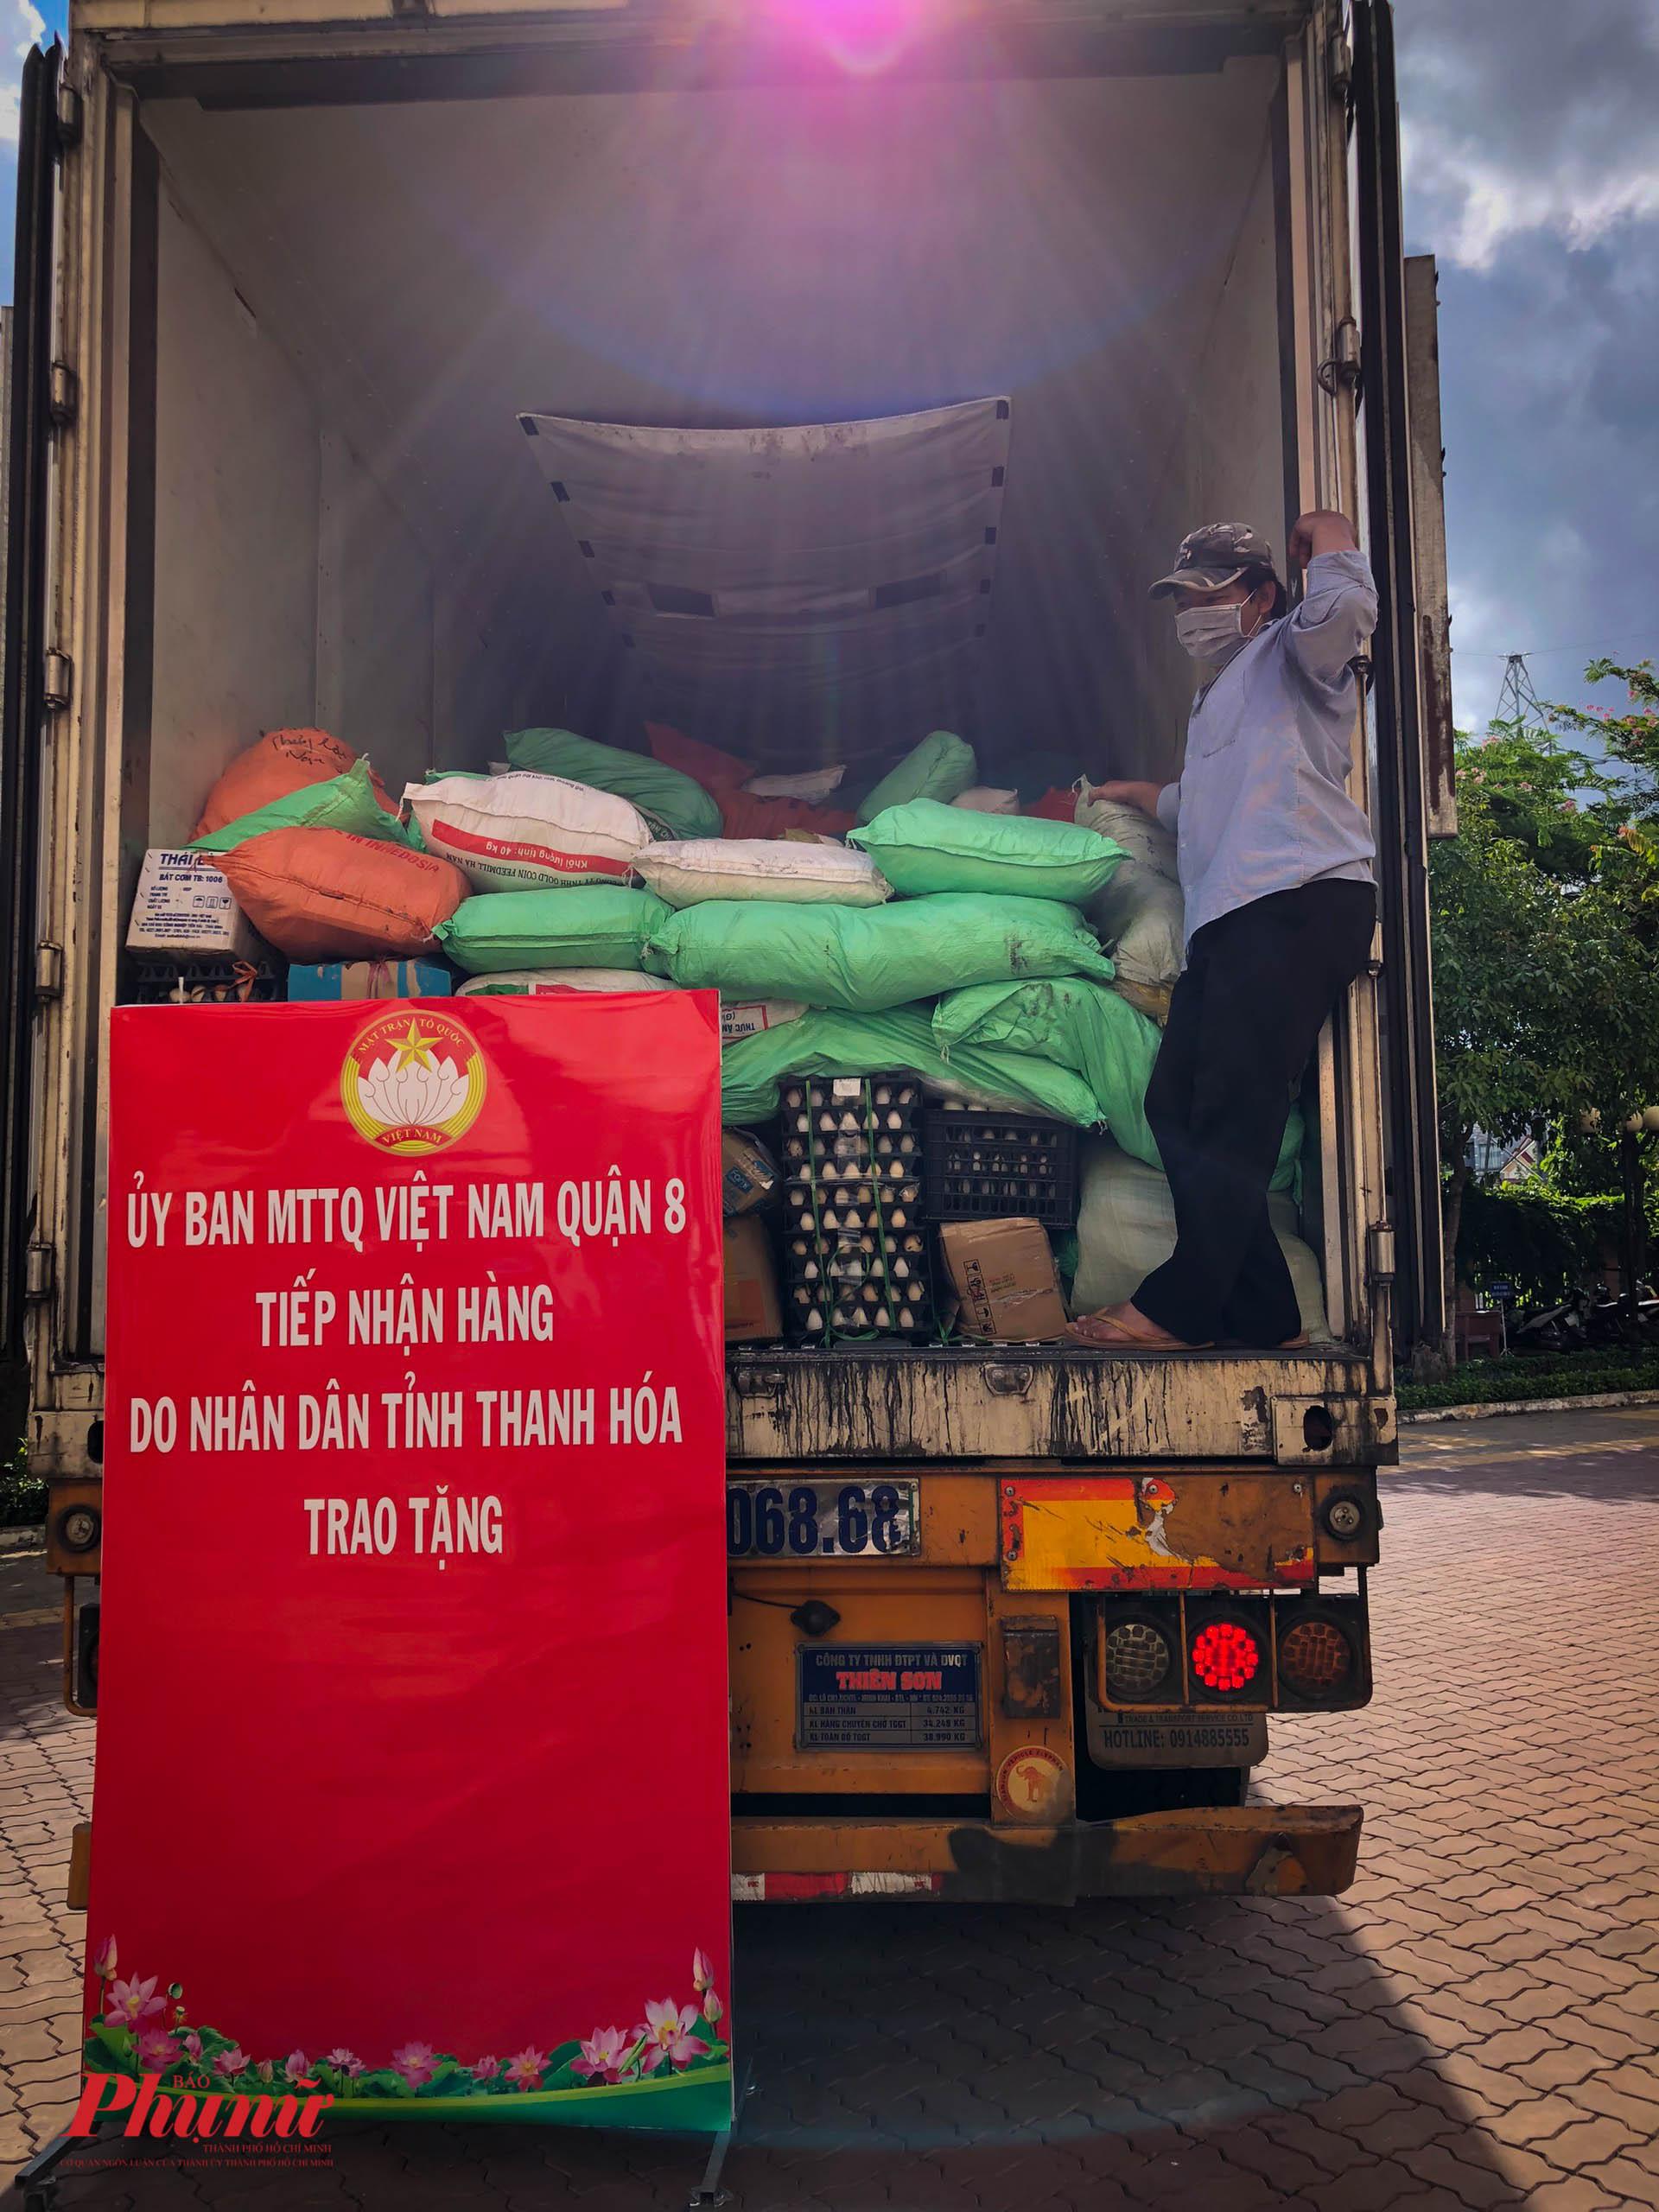 Hơn 20 người đã cùng nhau hỗ trợ vận chuyển hàng hóa vào trong